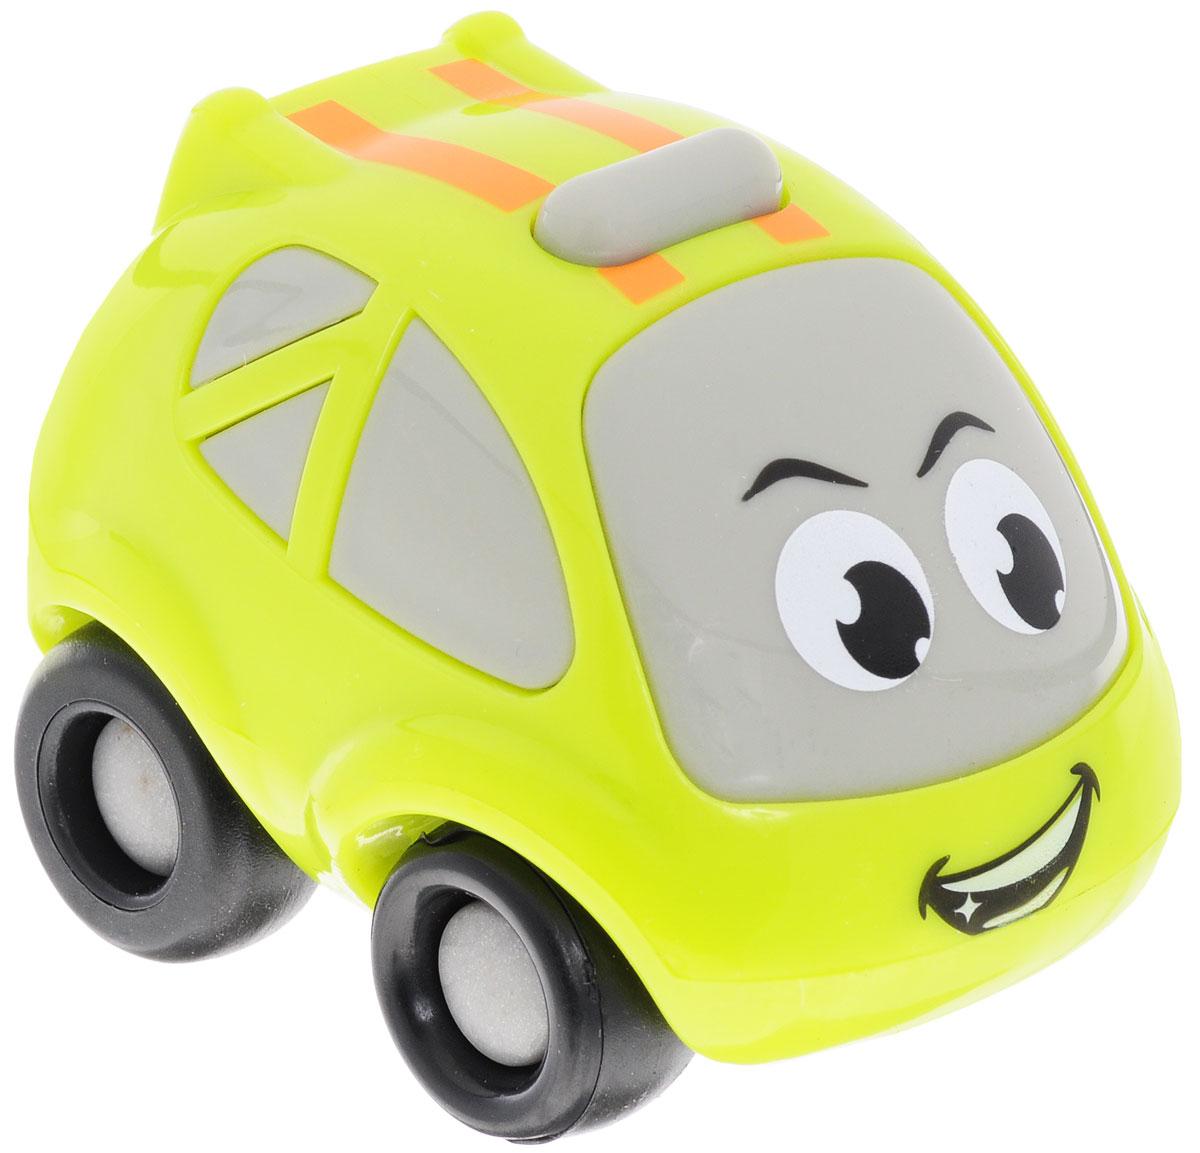 Smoby Машинка с моторчиком Vroom Planet набор из 2 х мотоциклов vroom planet 1 12